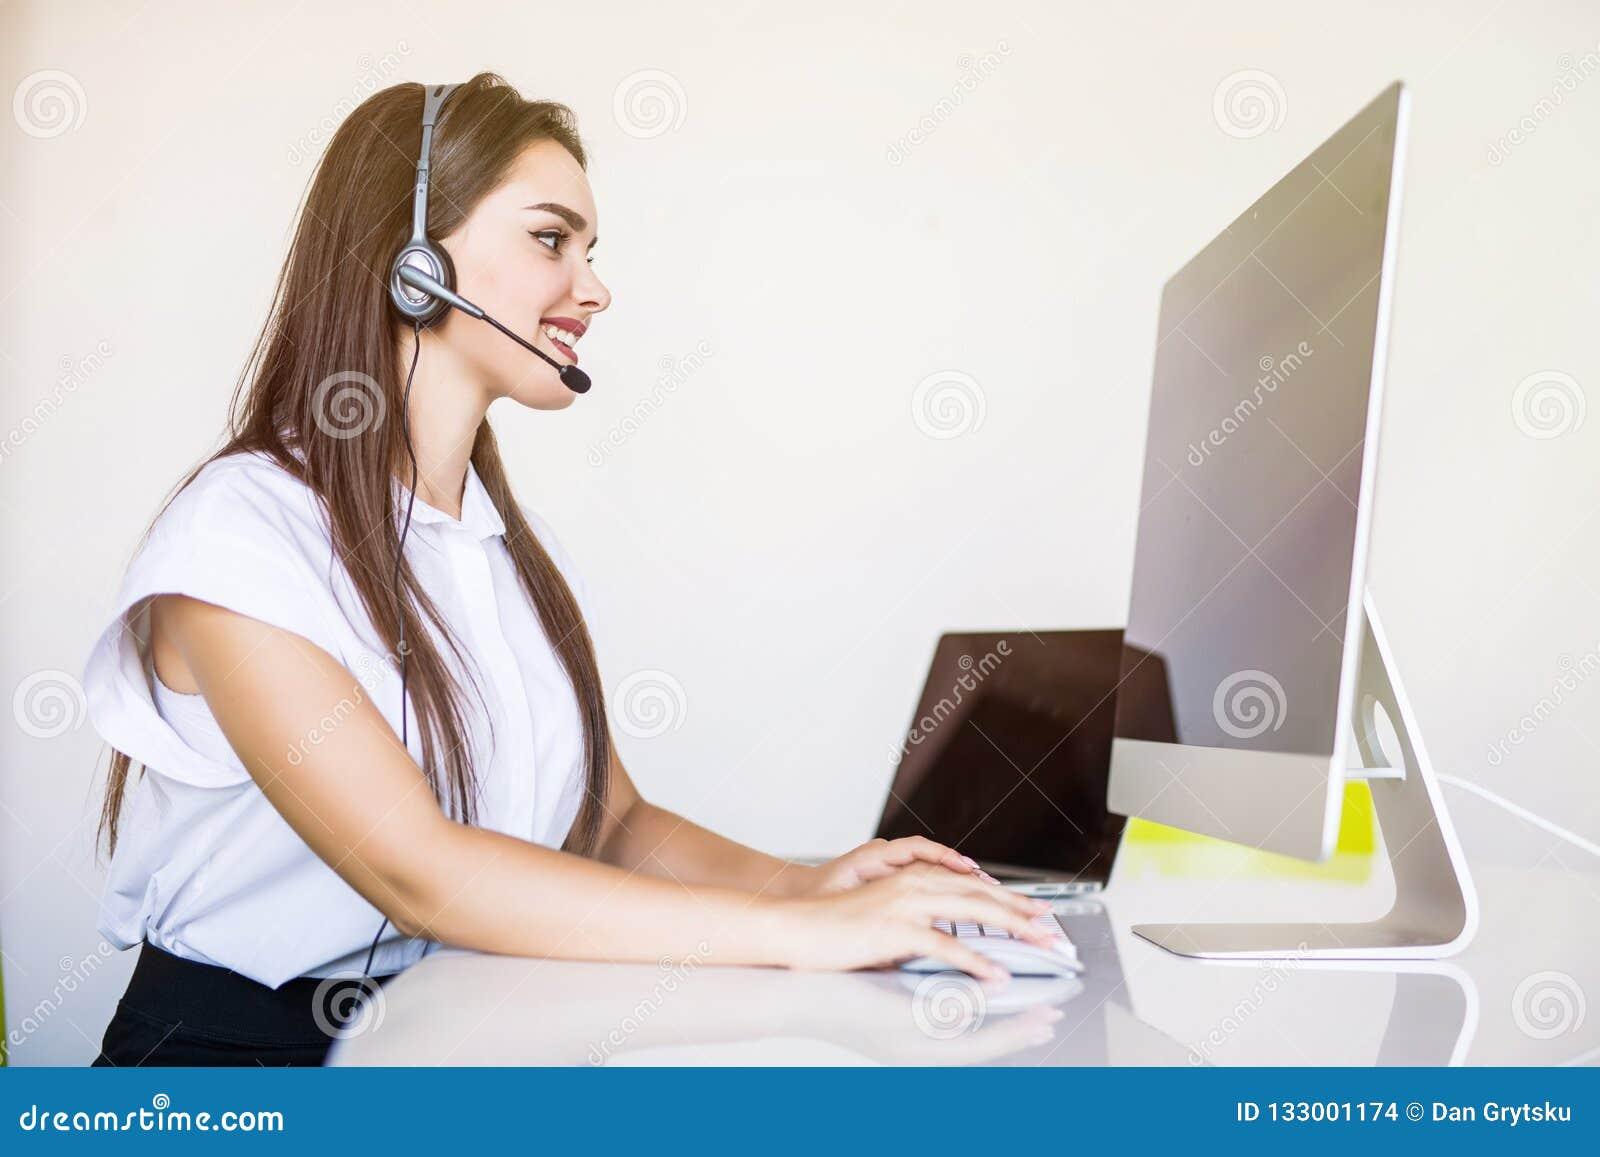 Концепция дела, связи, технологии и центра телефонного обслуживания - дружелюбный женский оператор линии для помощи с наушниками